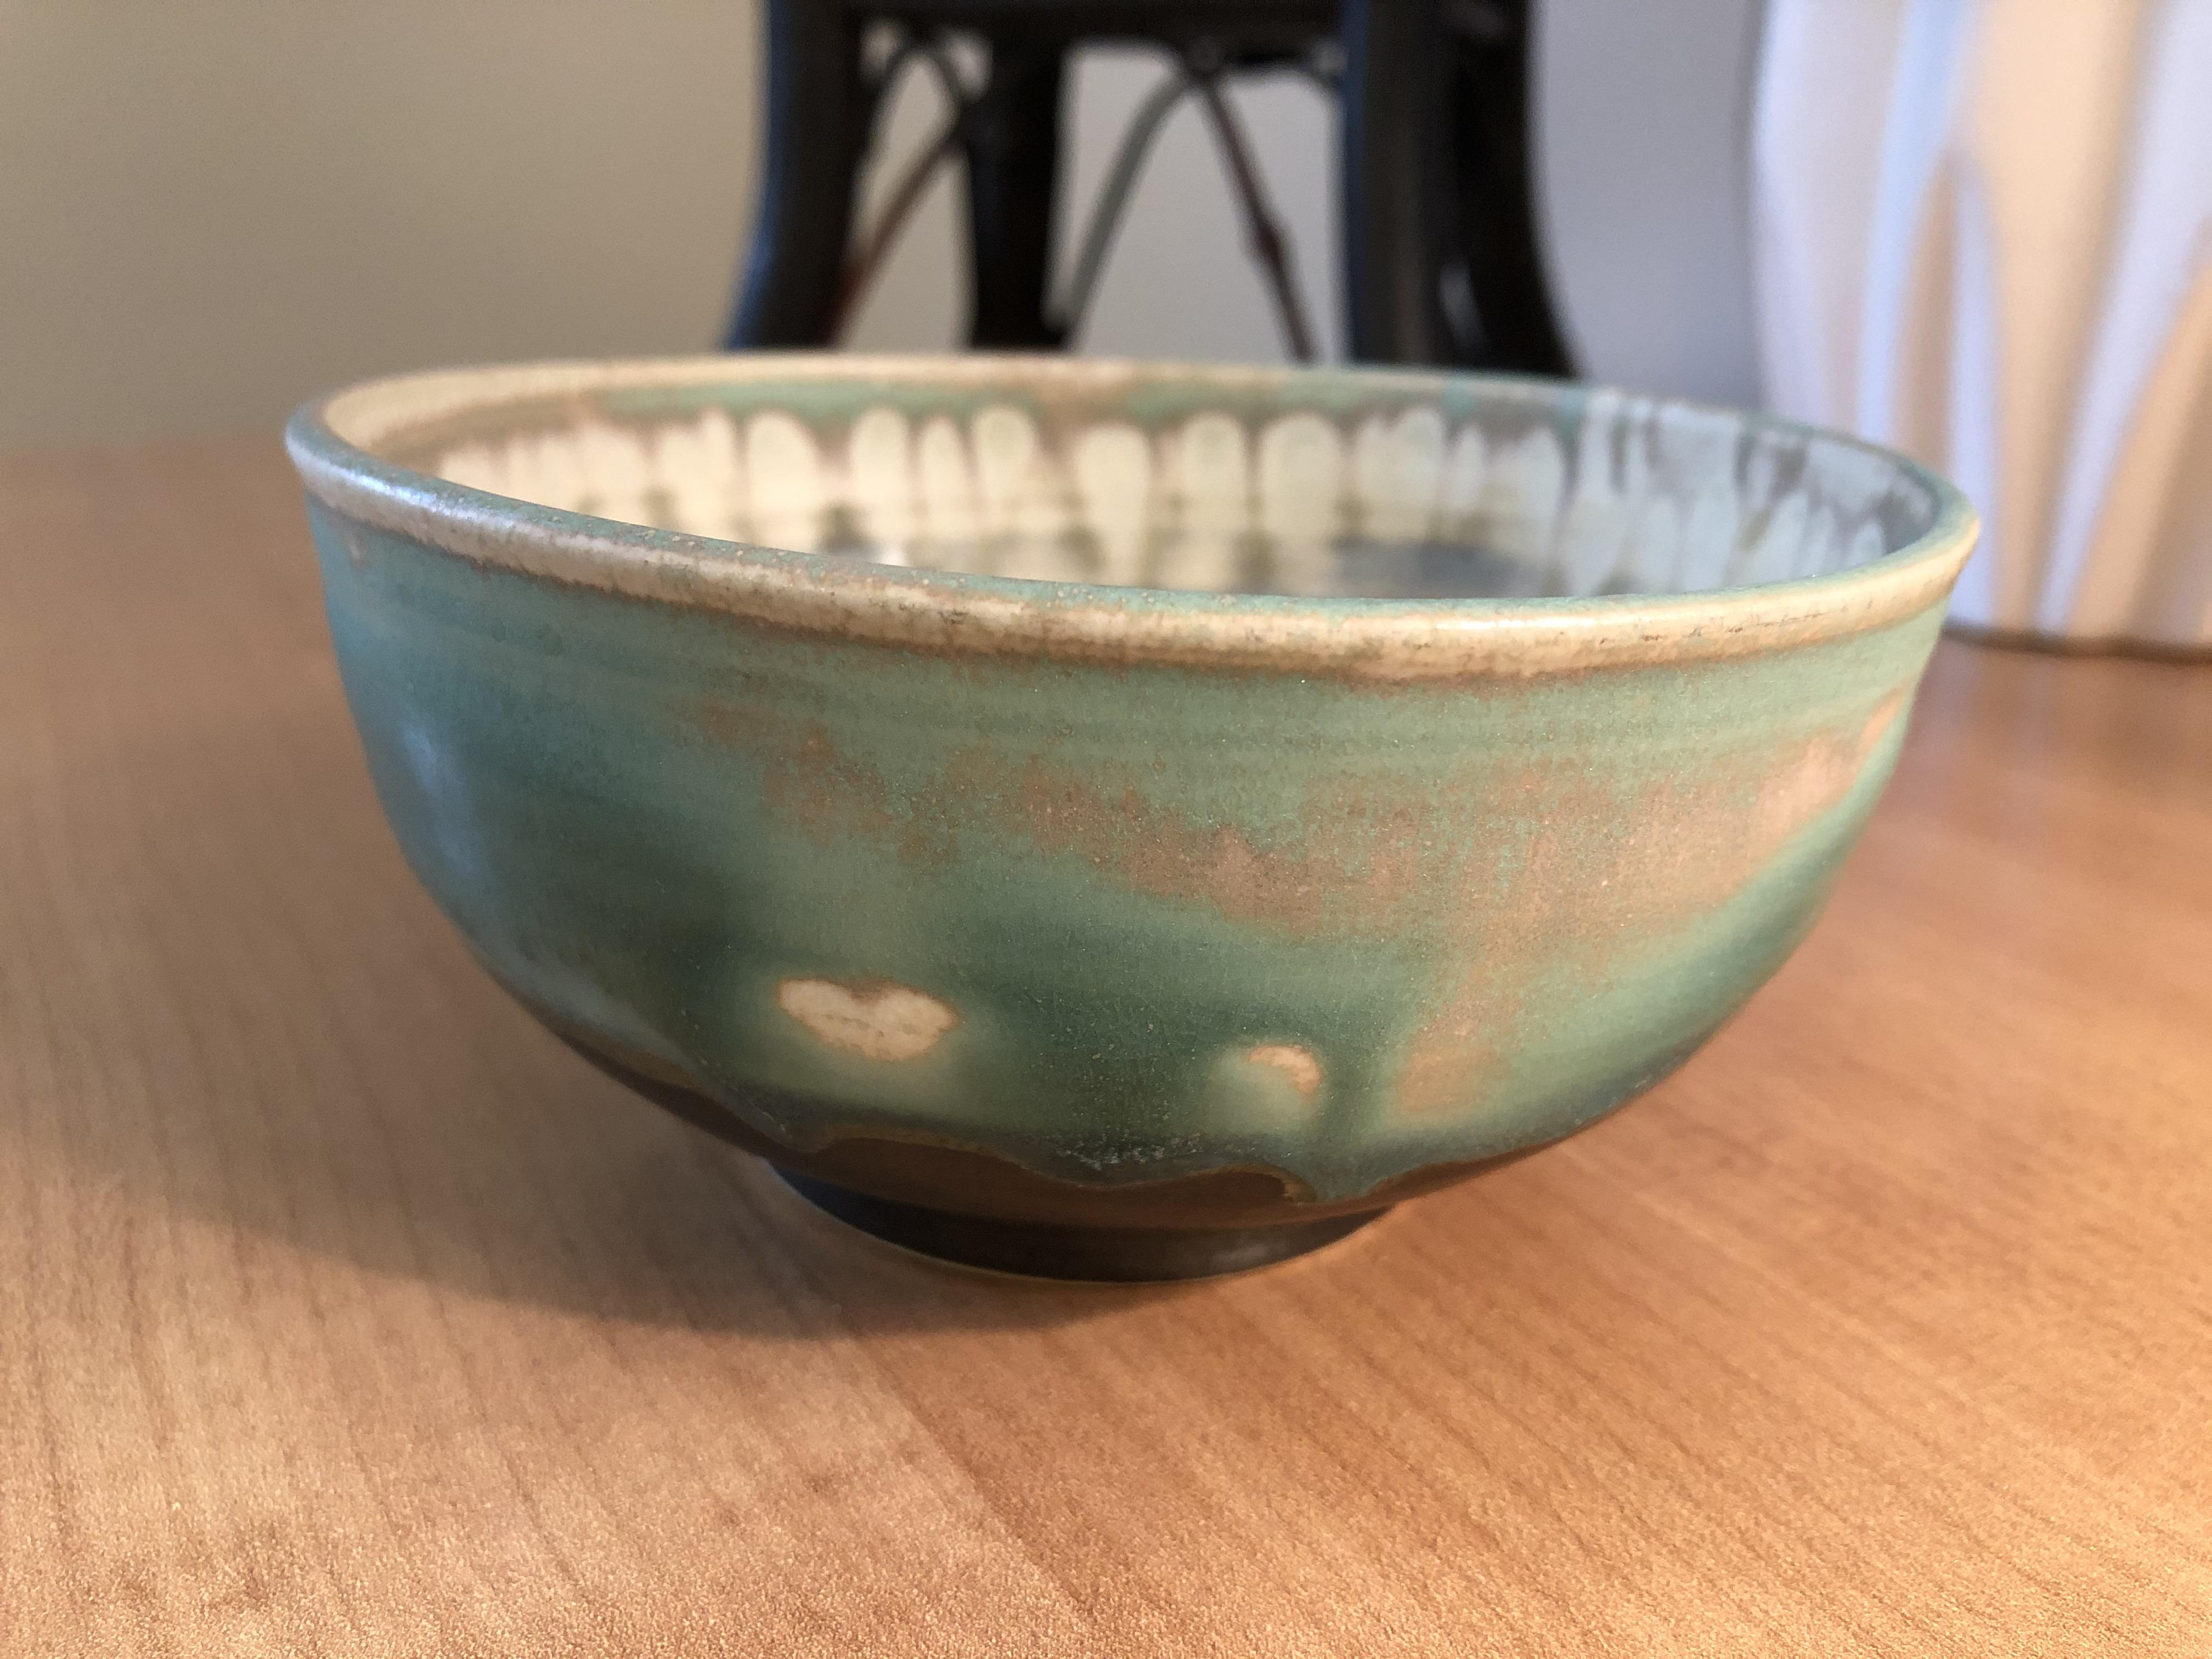 Aqua, brown and gray handmade pottery bowl on table